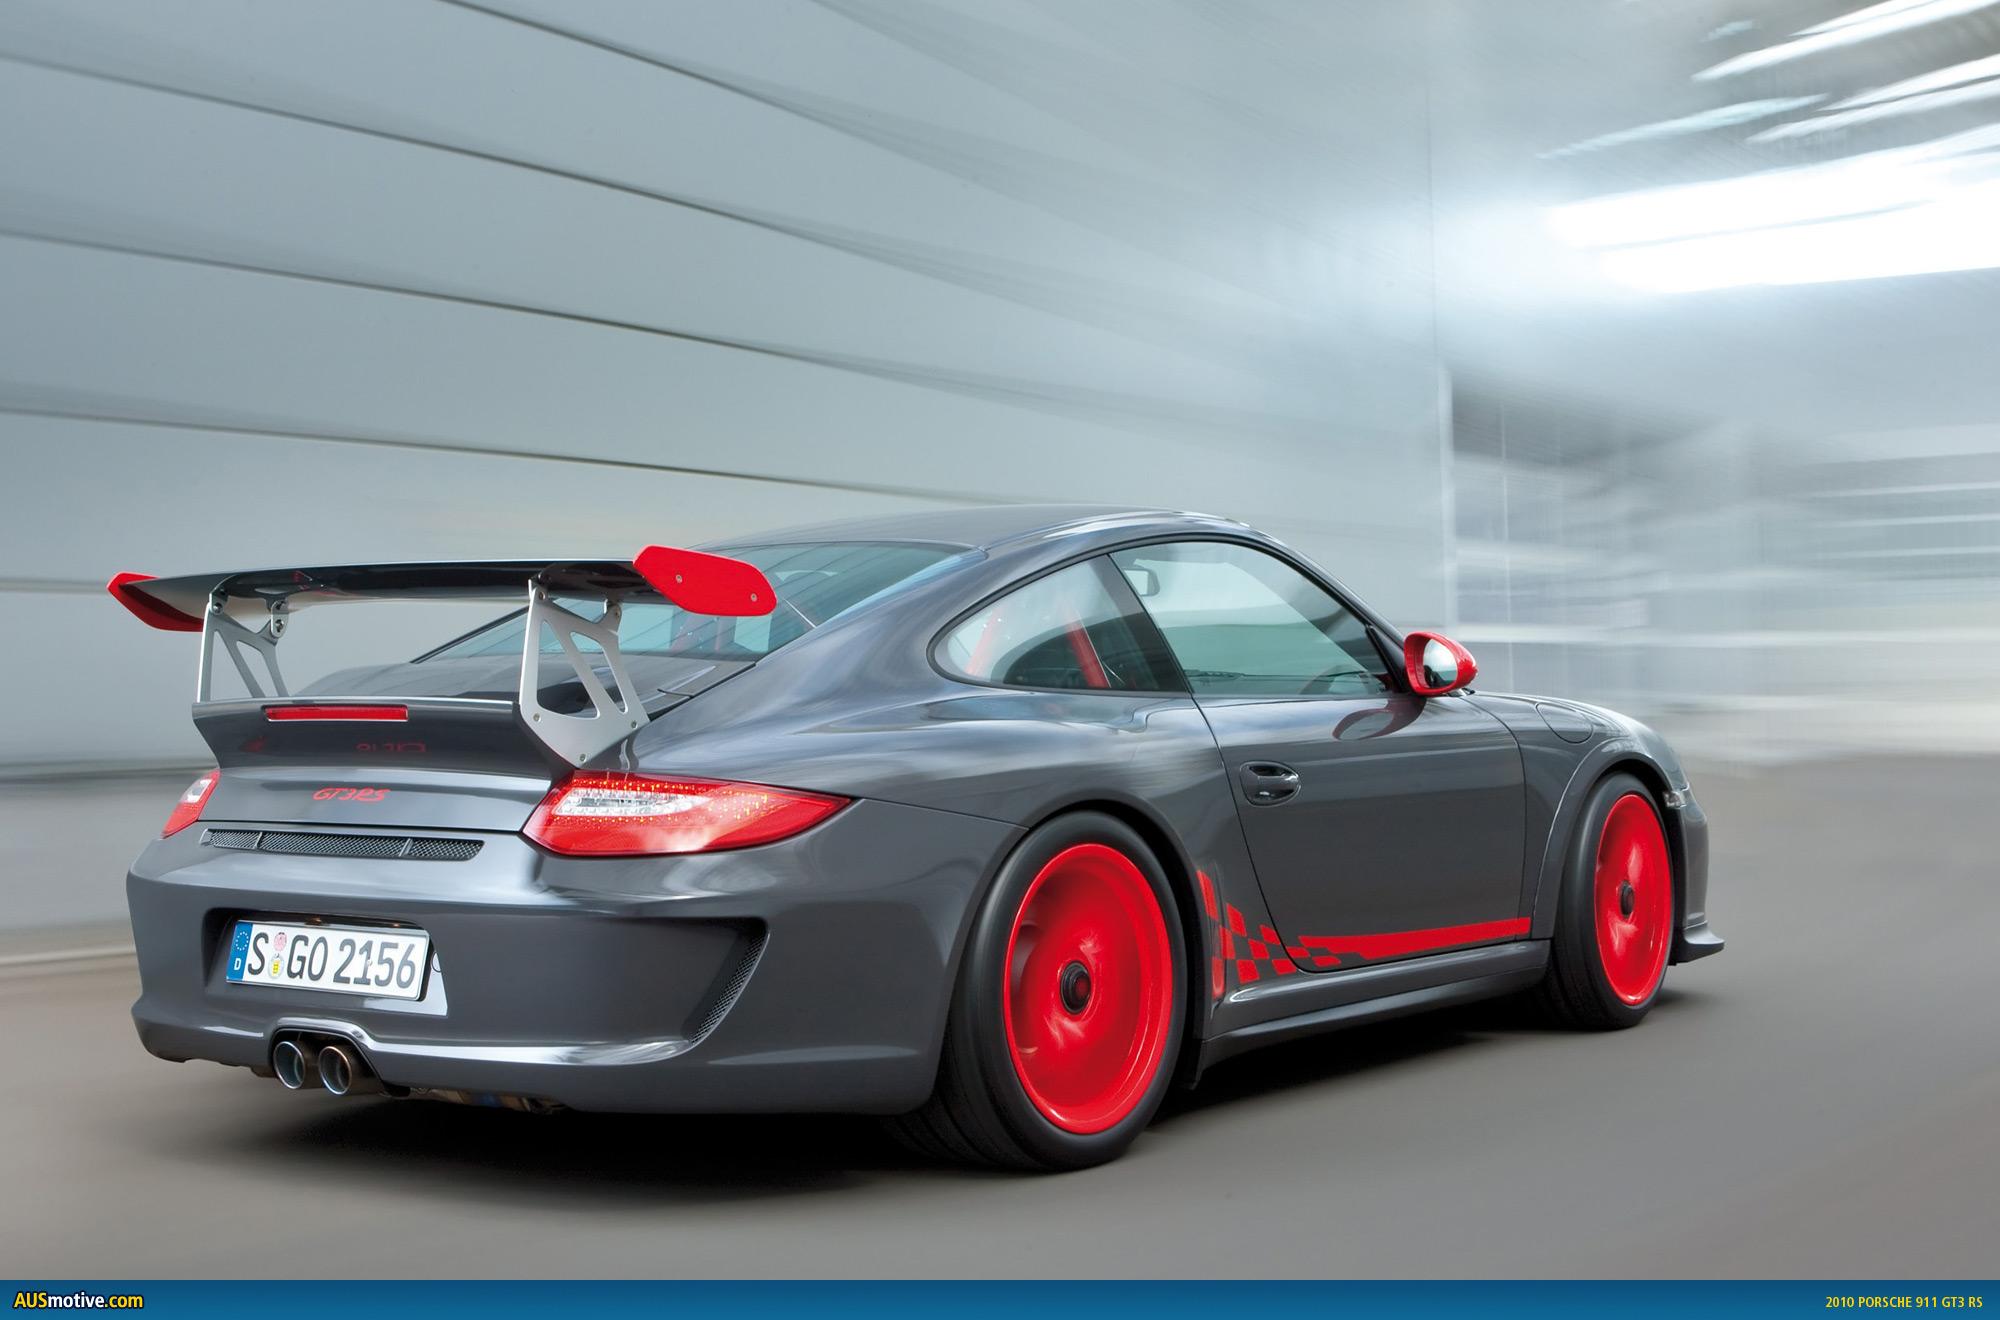 AUSmotivecom » 2010 Porsche 911 GT3 RS